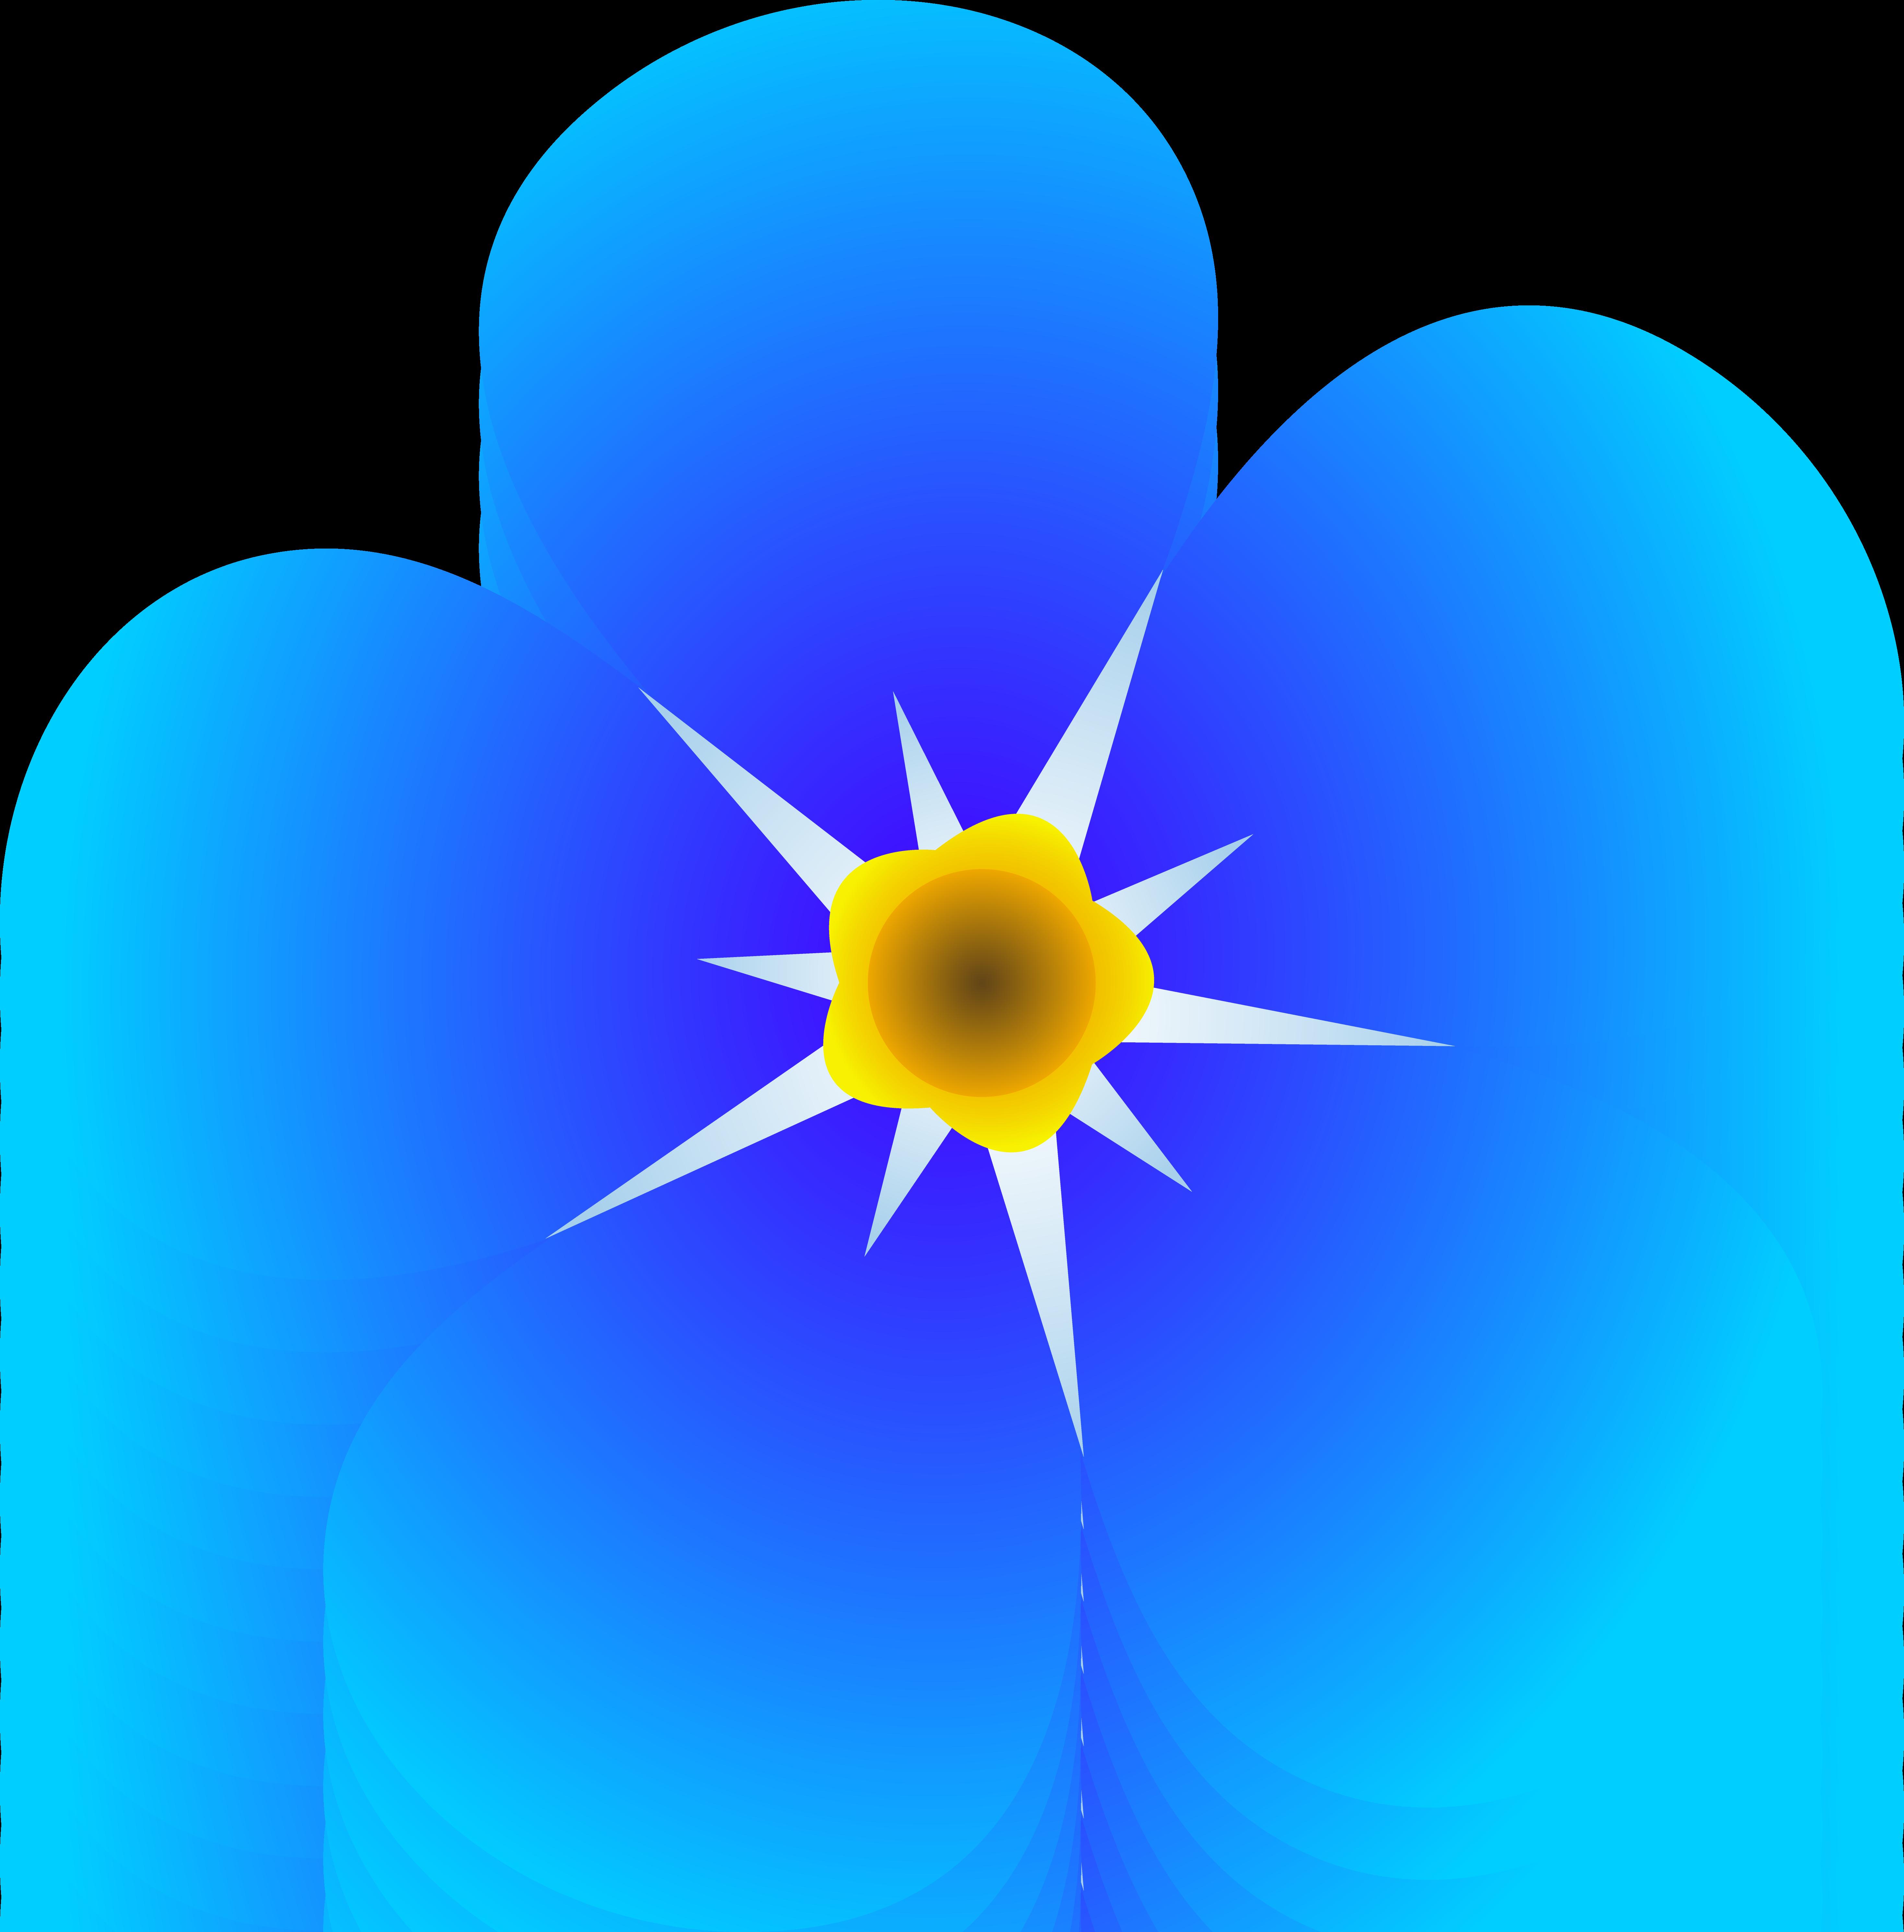 Blue Flower Clip Art-Blue Flower Clip Art-2